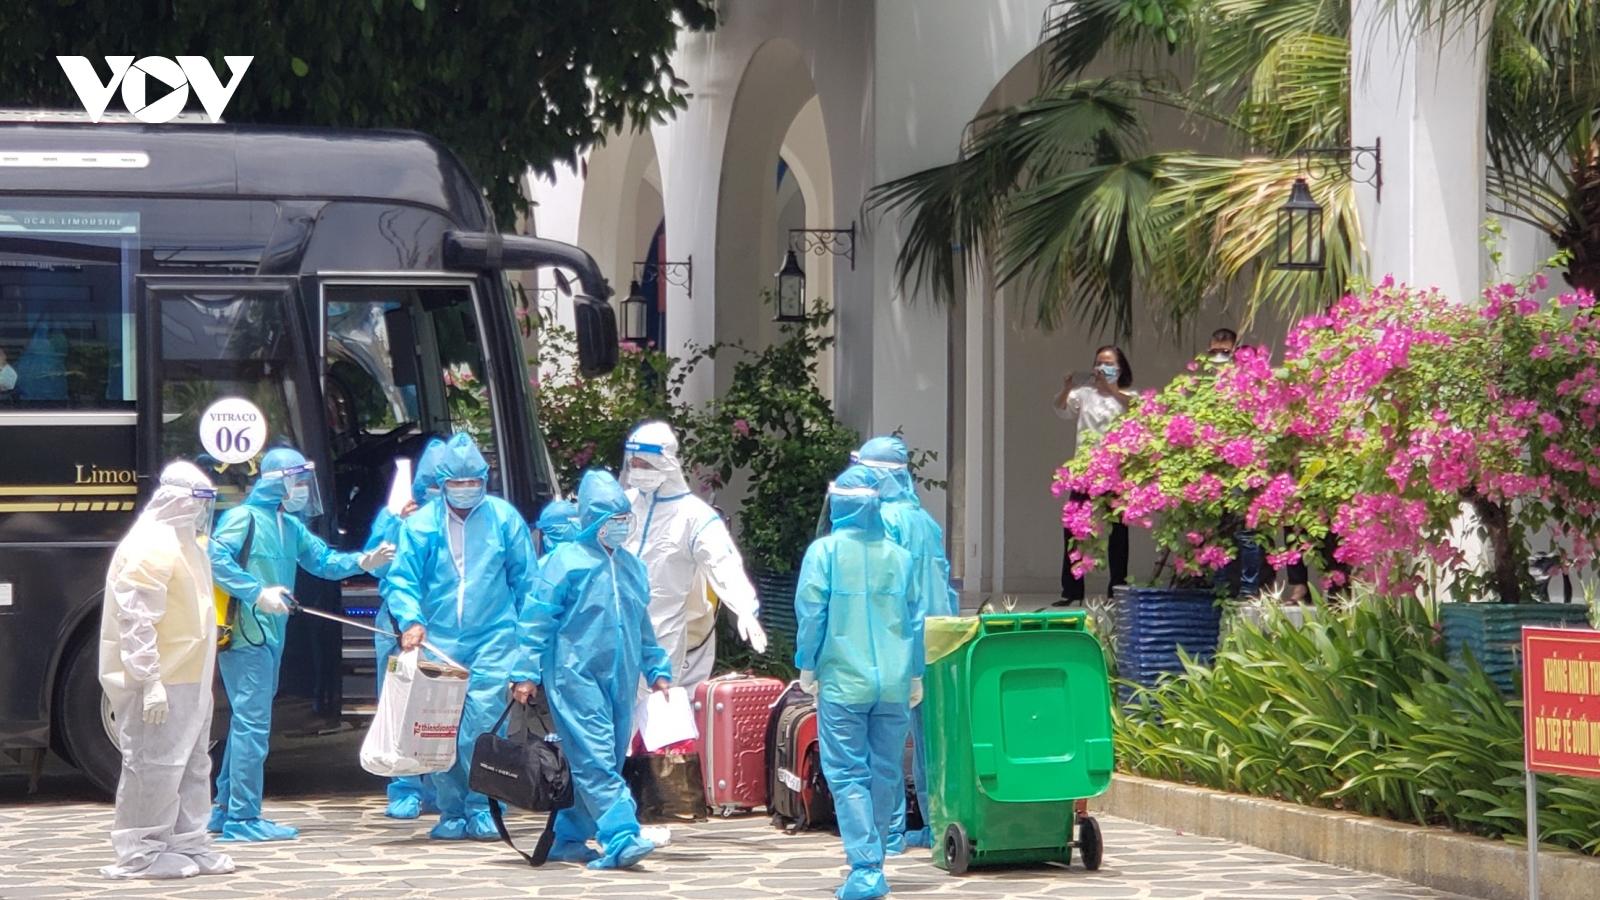 Hơn 600 người từ TP.HCM về Đà Nẵng được miễn phí tiền ăn, ở, sinh hoạt phí